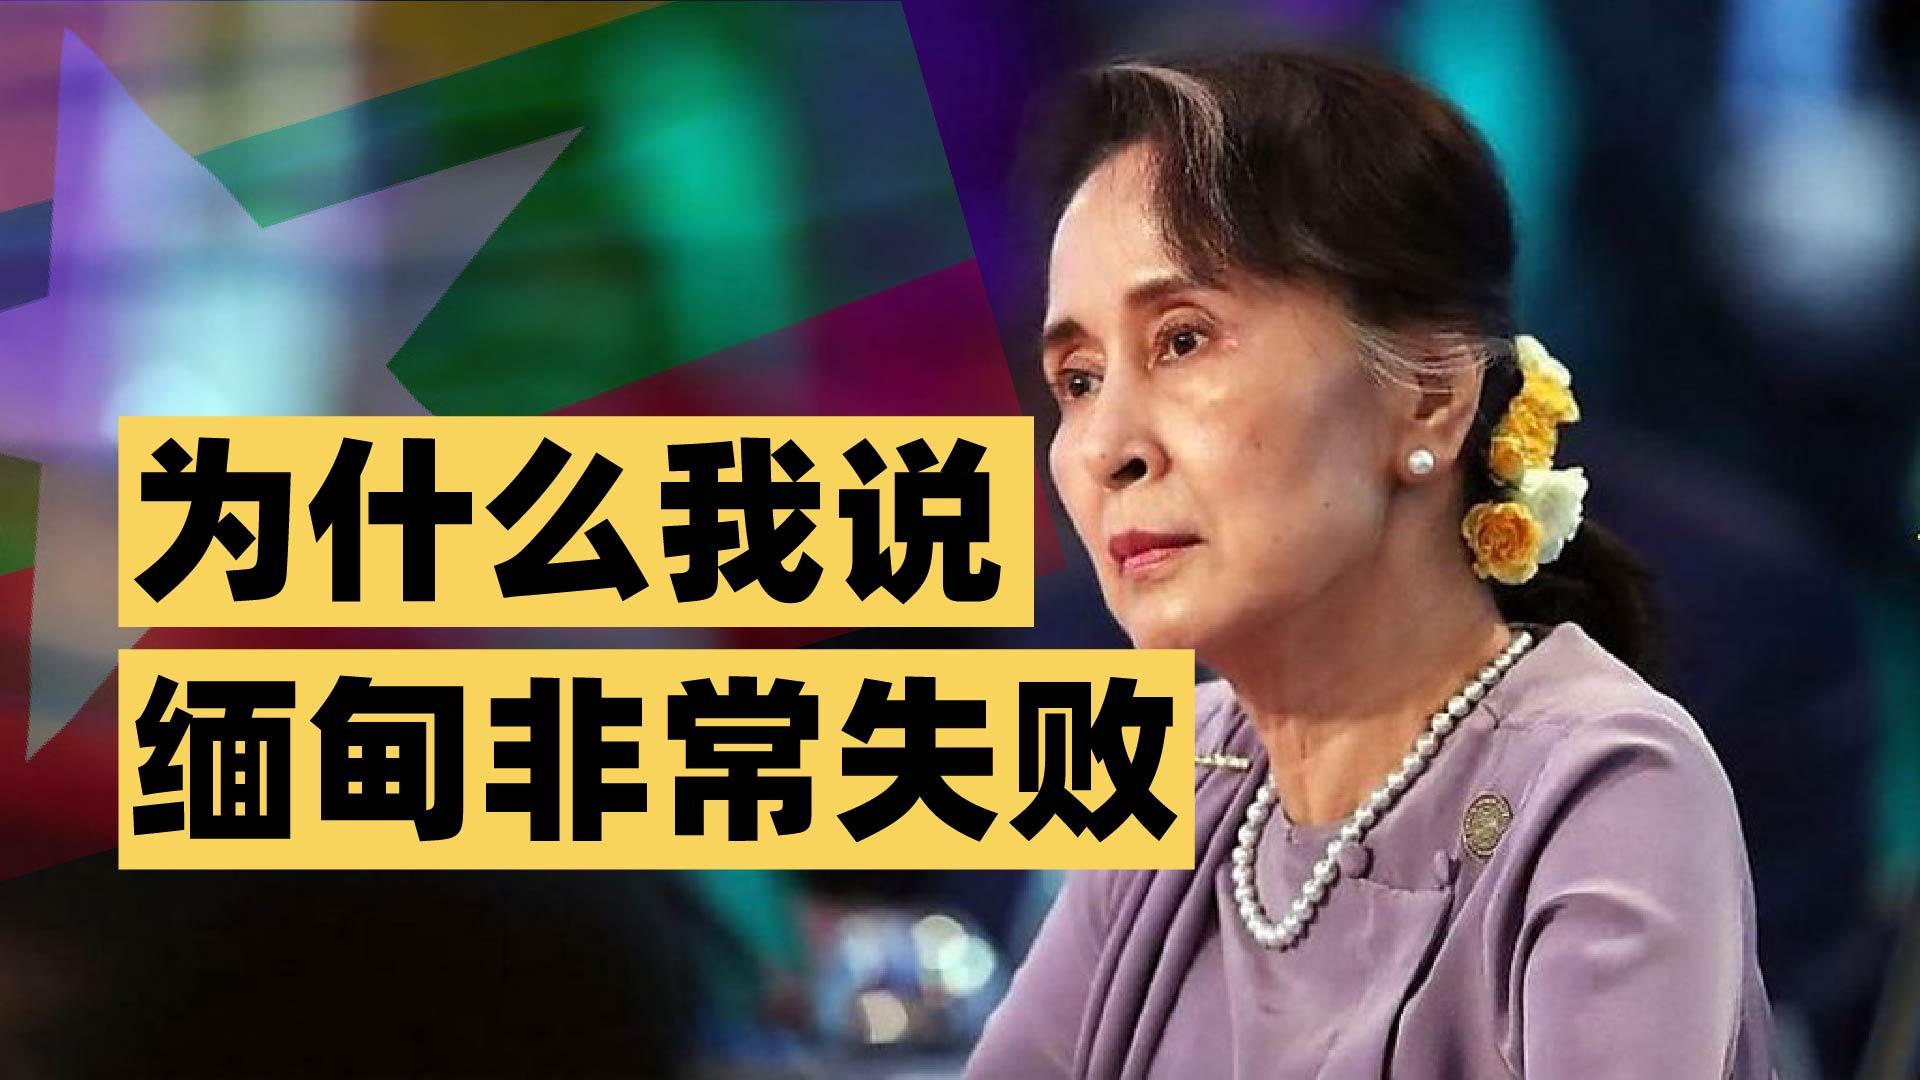 经济从第一到倒数,为什么我说缅甸非常失败?